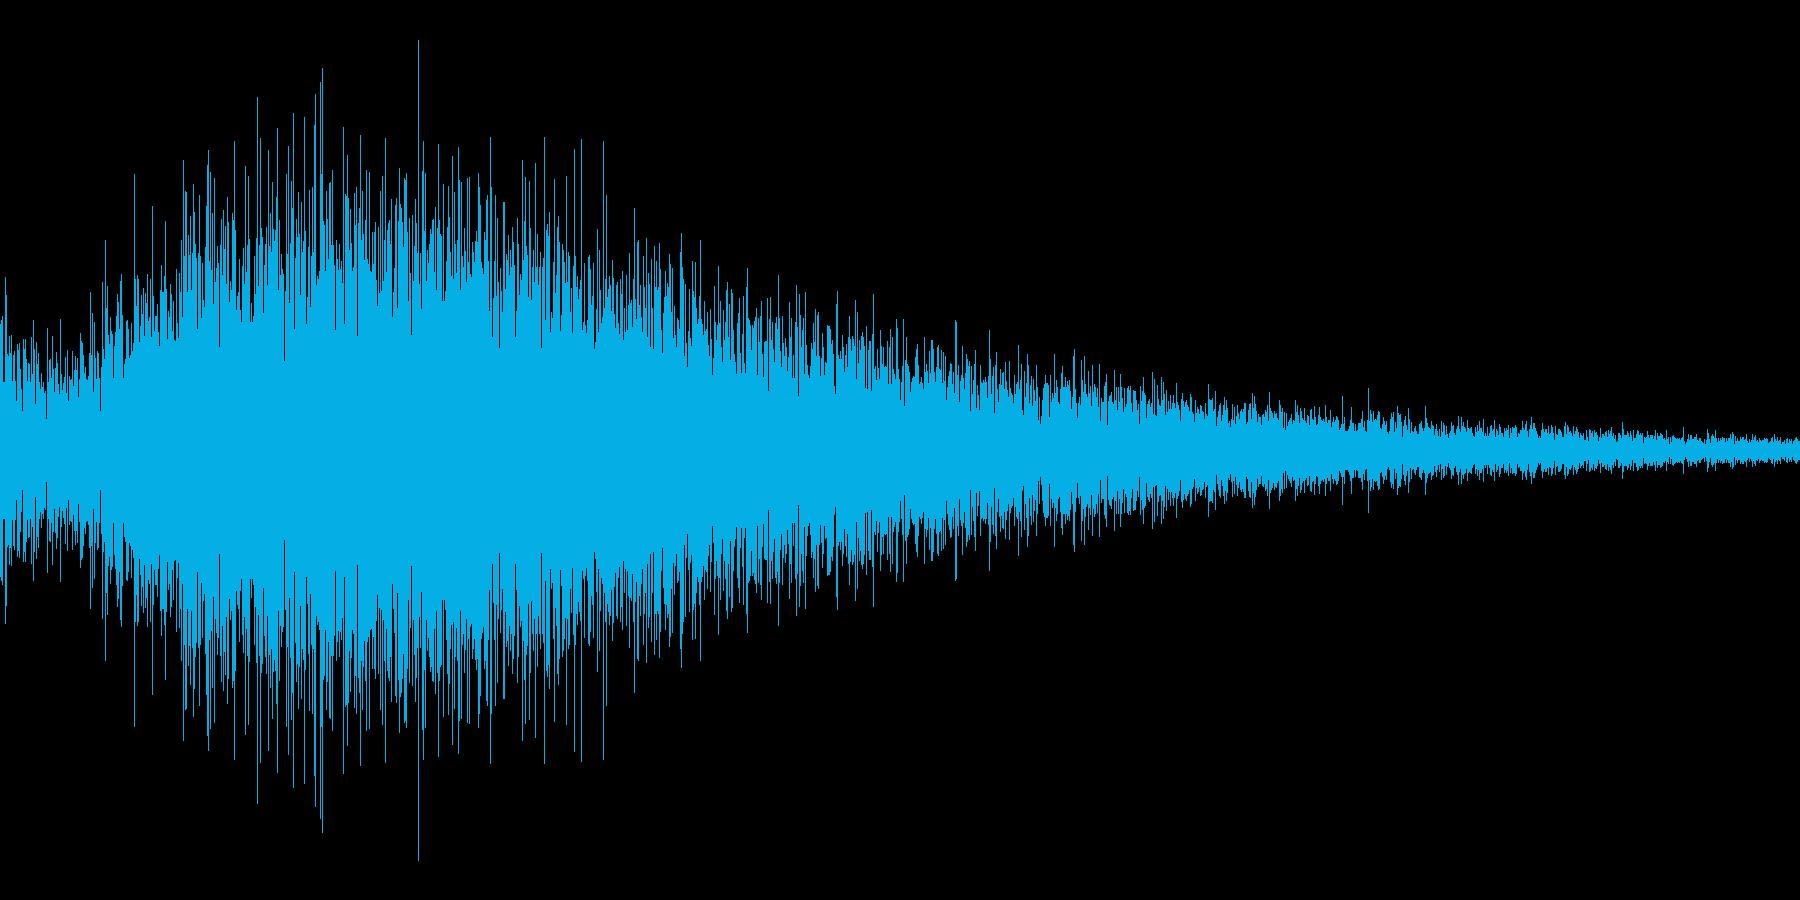 ゲーム用:ドラの音「ゴワ~ン」の再生済みの波形